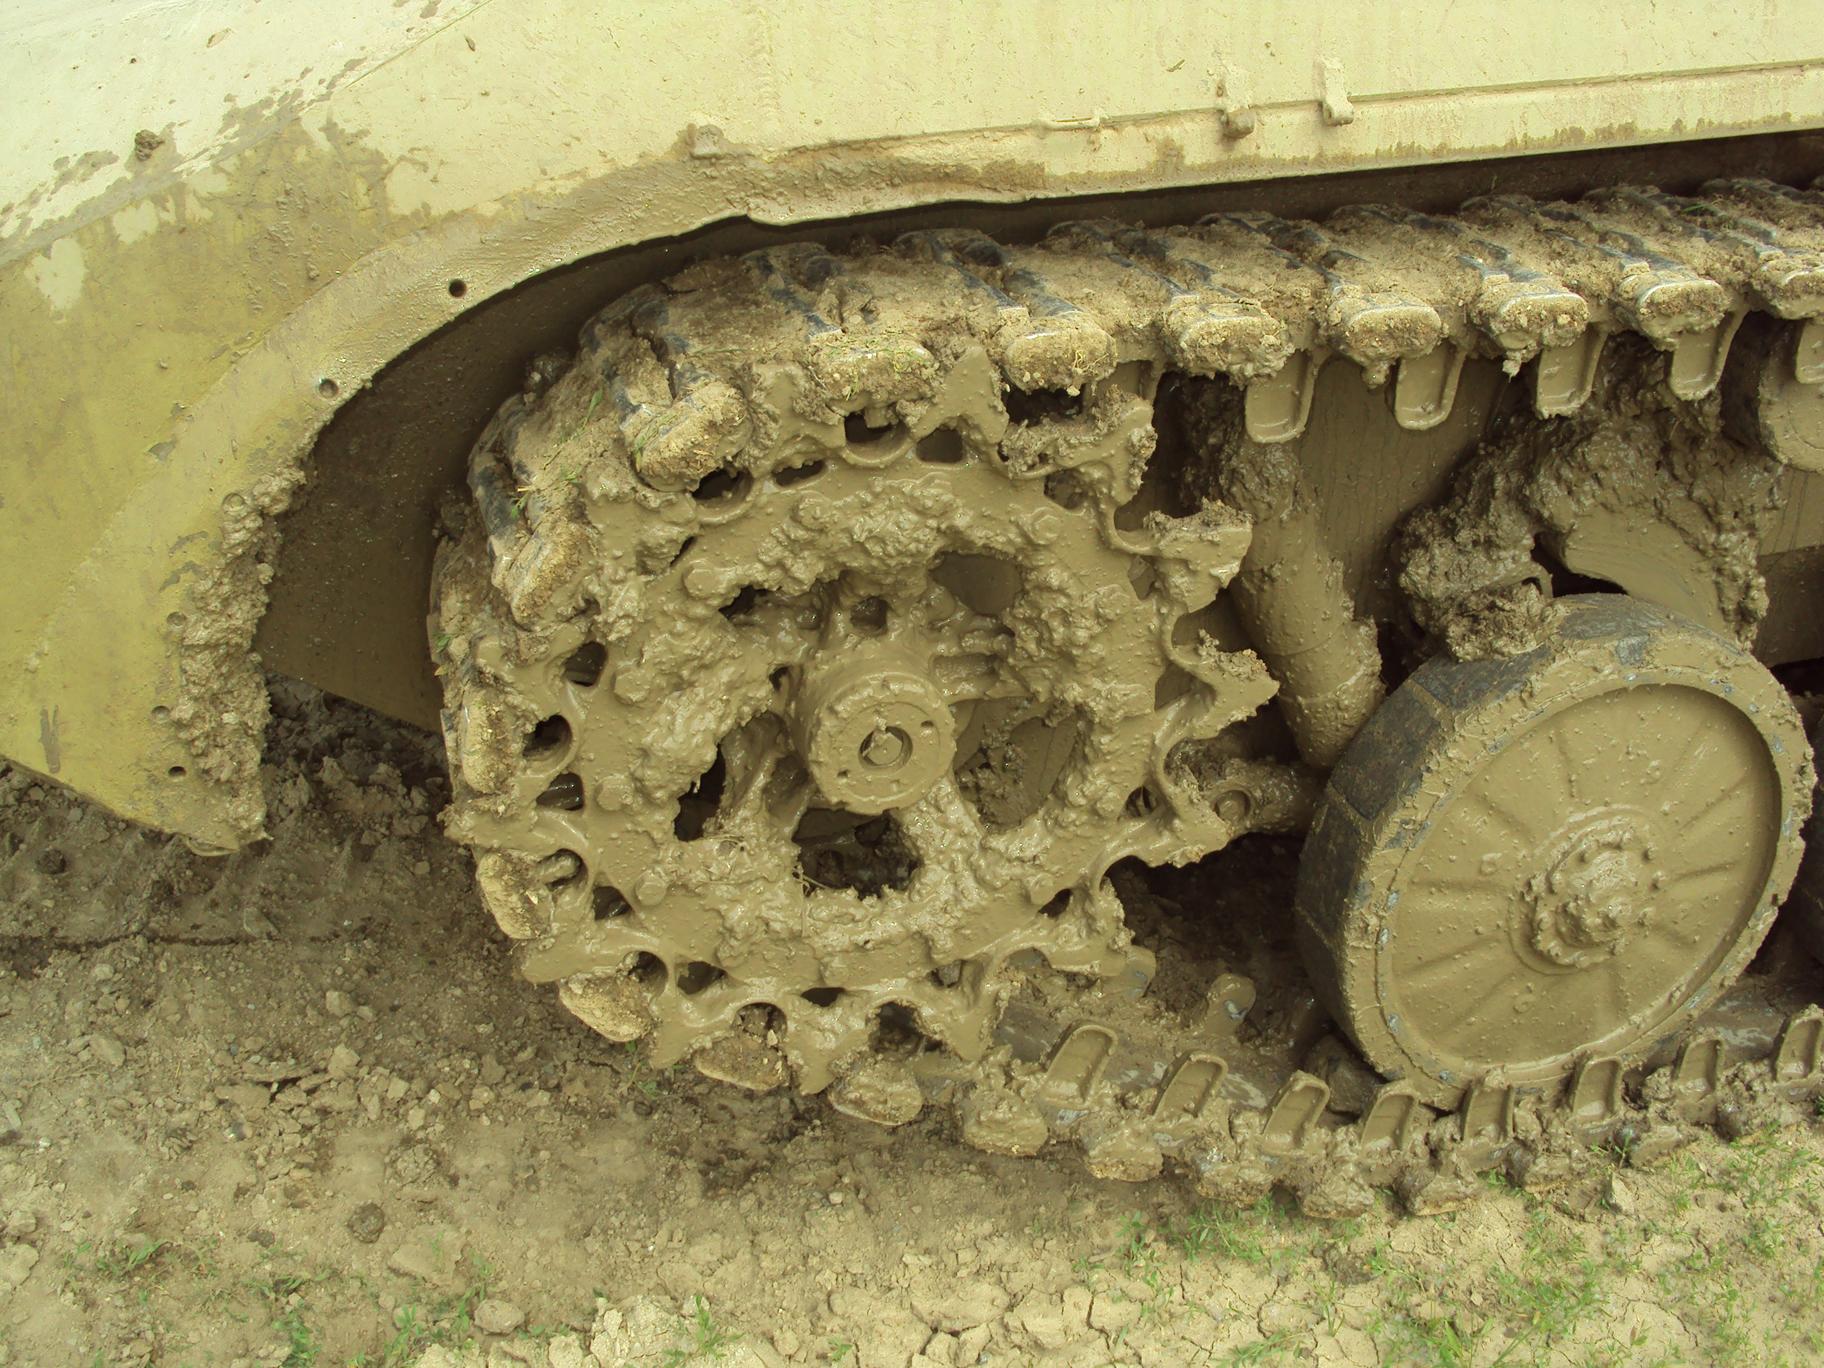 гусеница танка в грязи, скачать фото, обои для рабочего стола